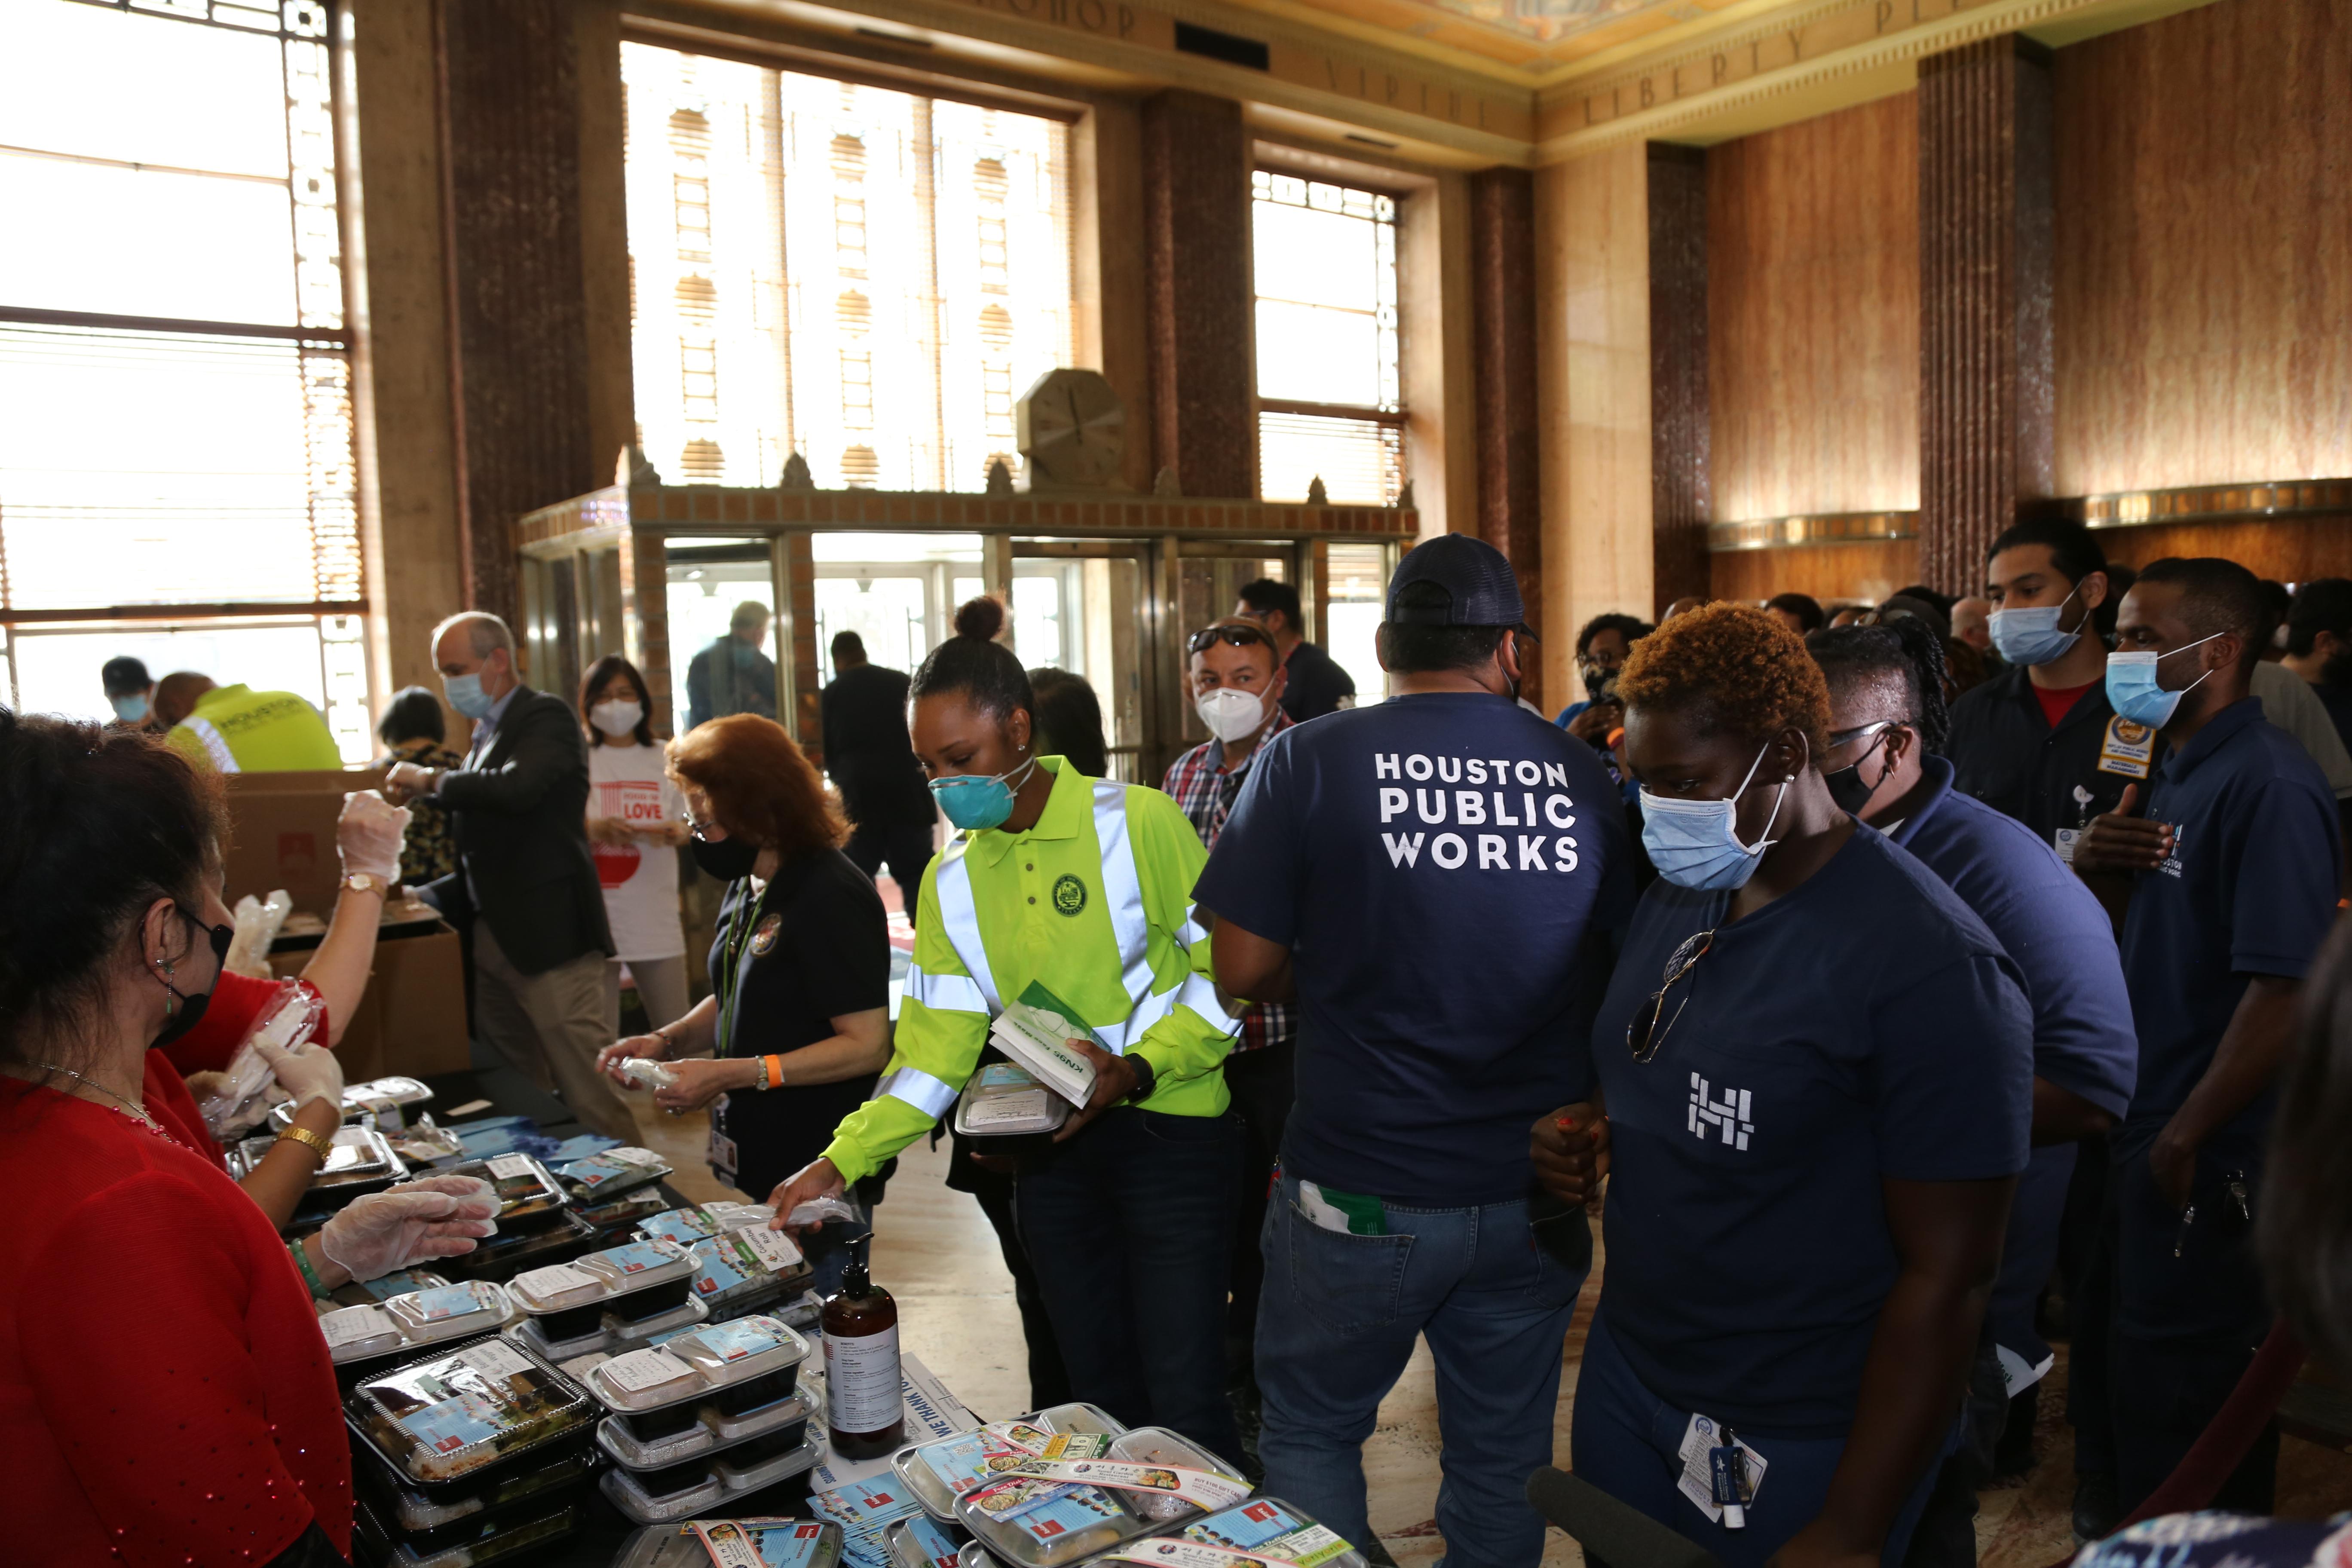 市府員工利用中午休息時間踴躍前來領飯盒。